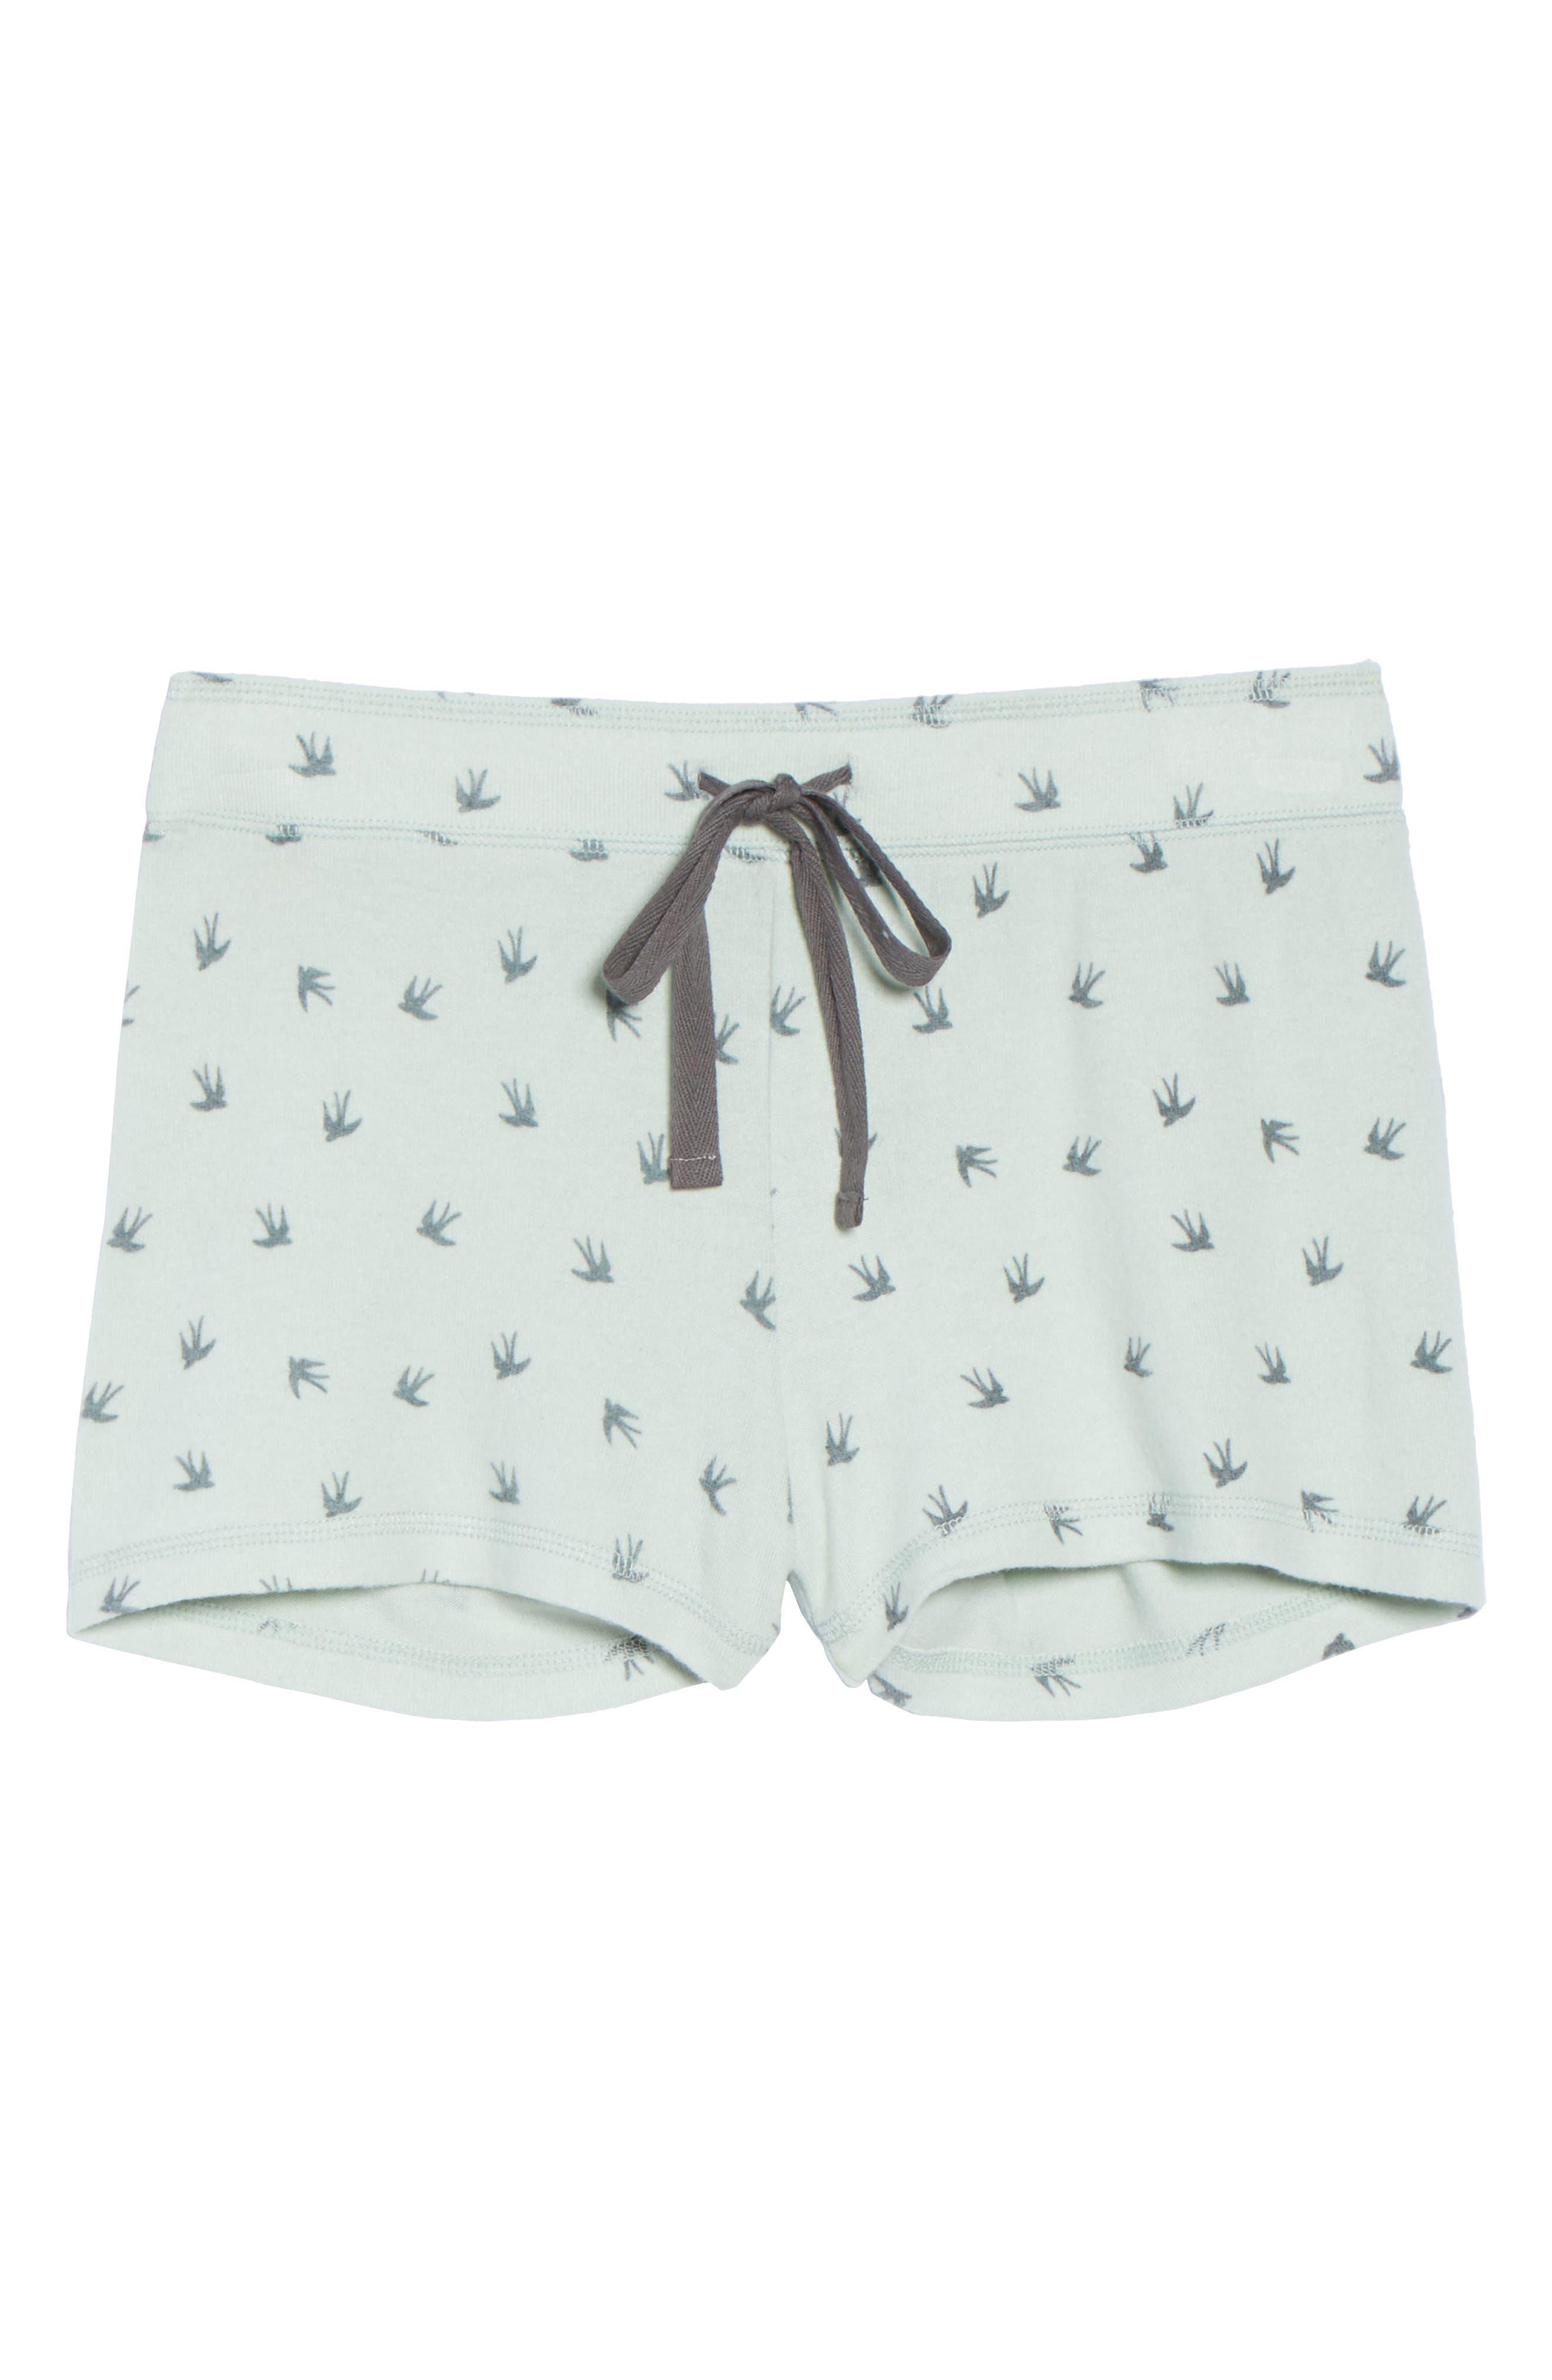 Peachy Pajama Shorts,                             Alternate thumbnail 17, color,